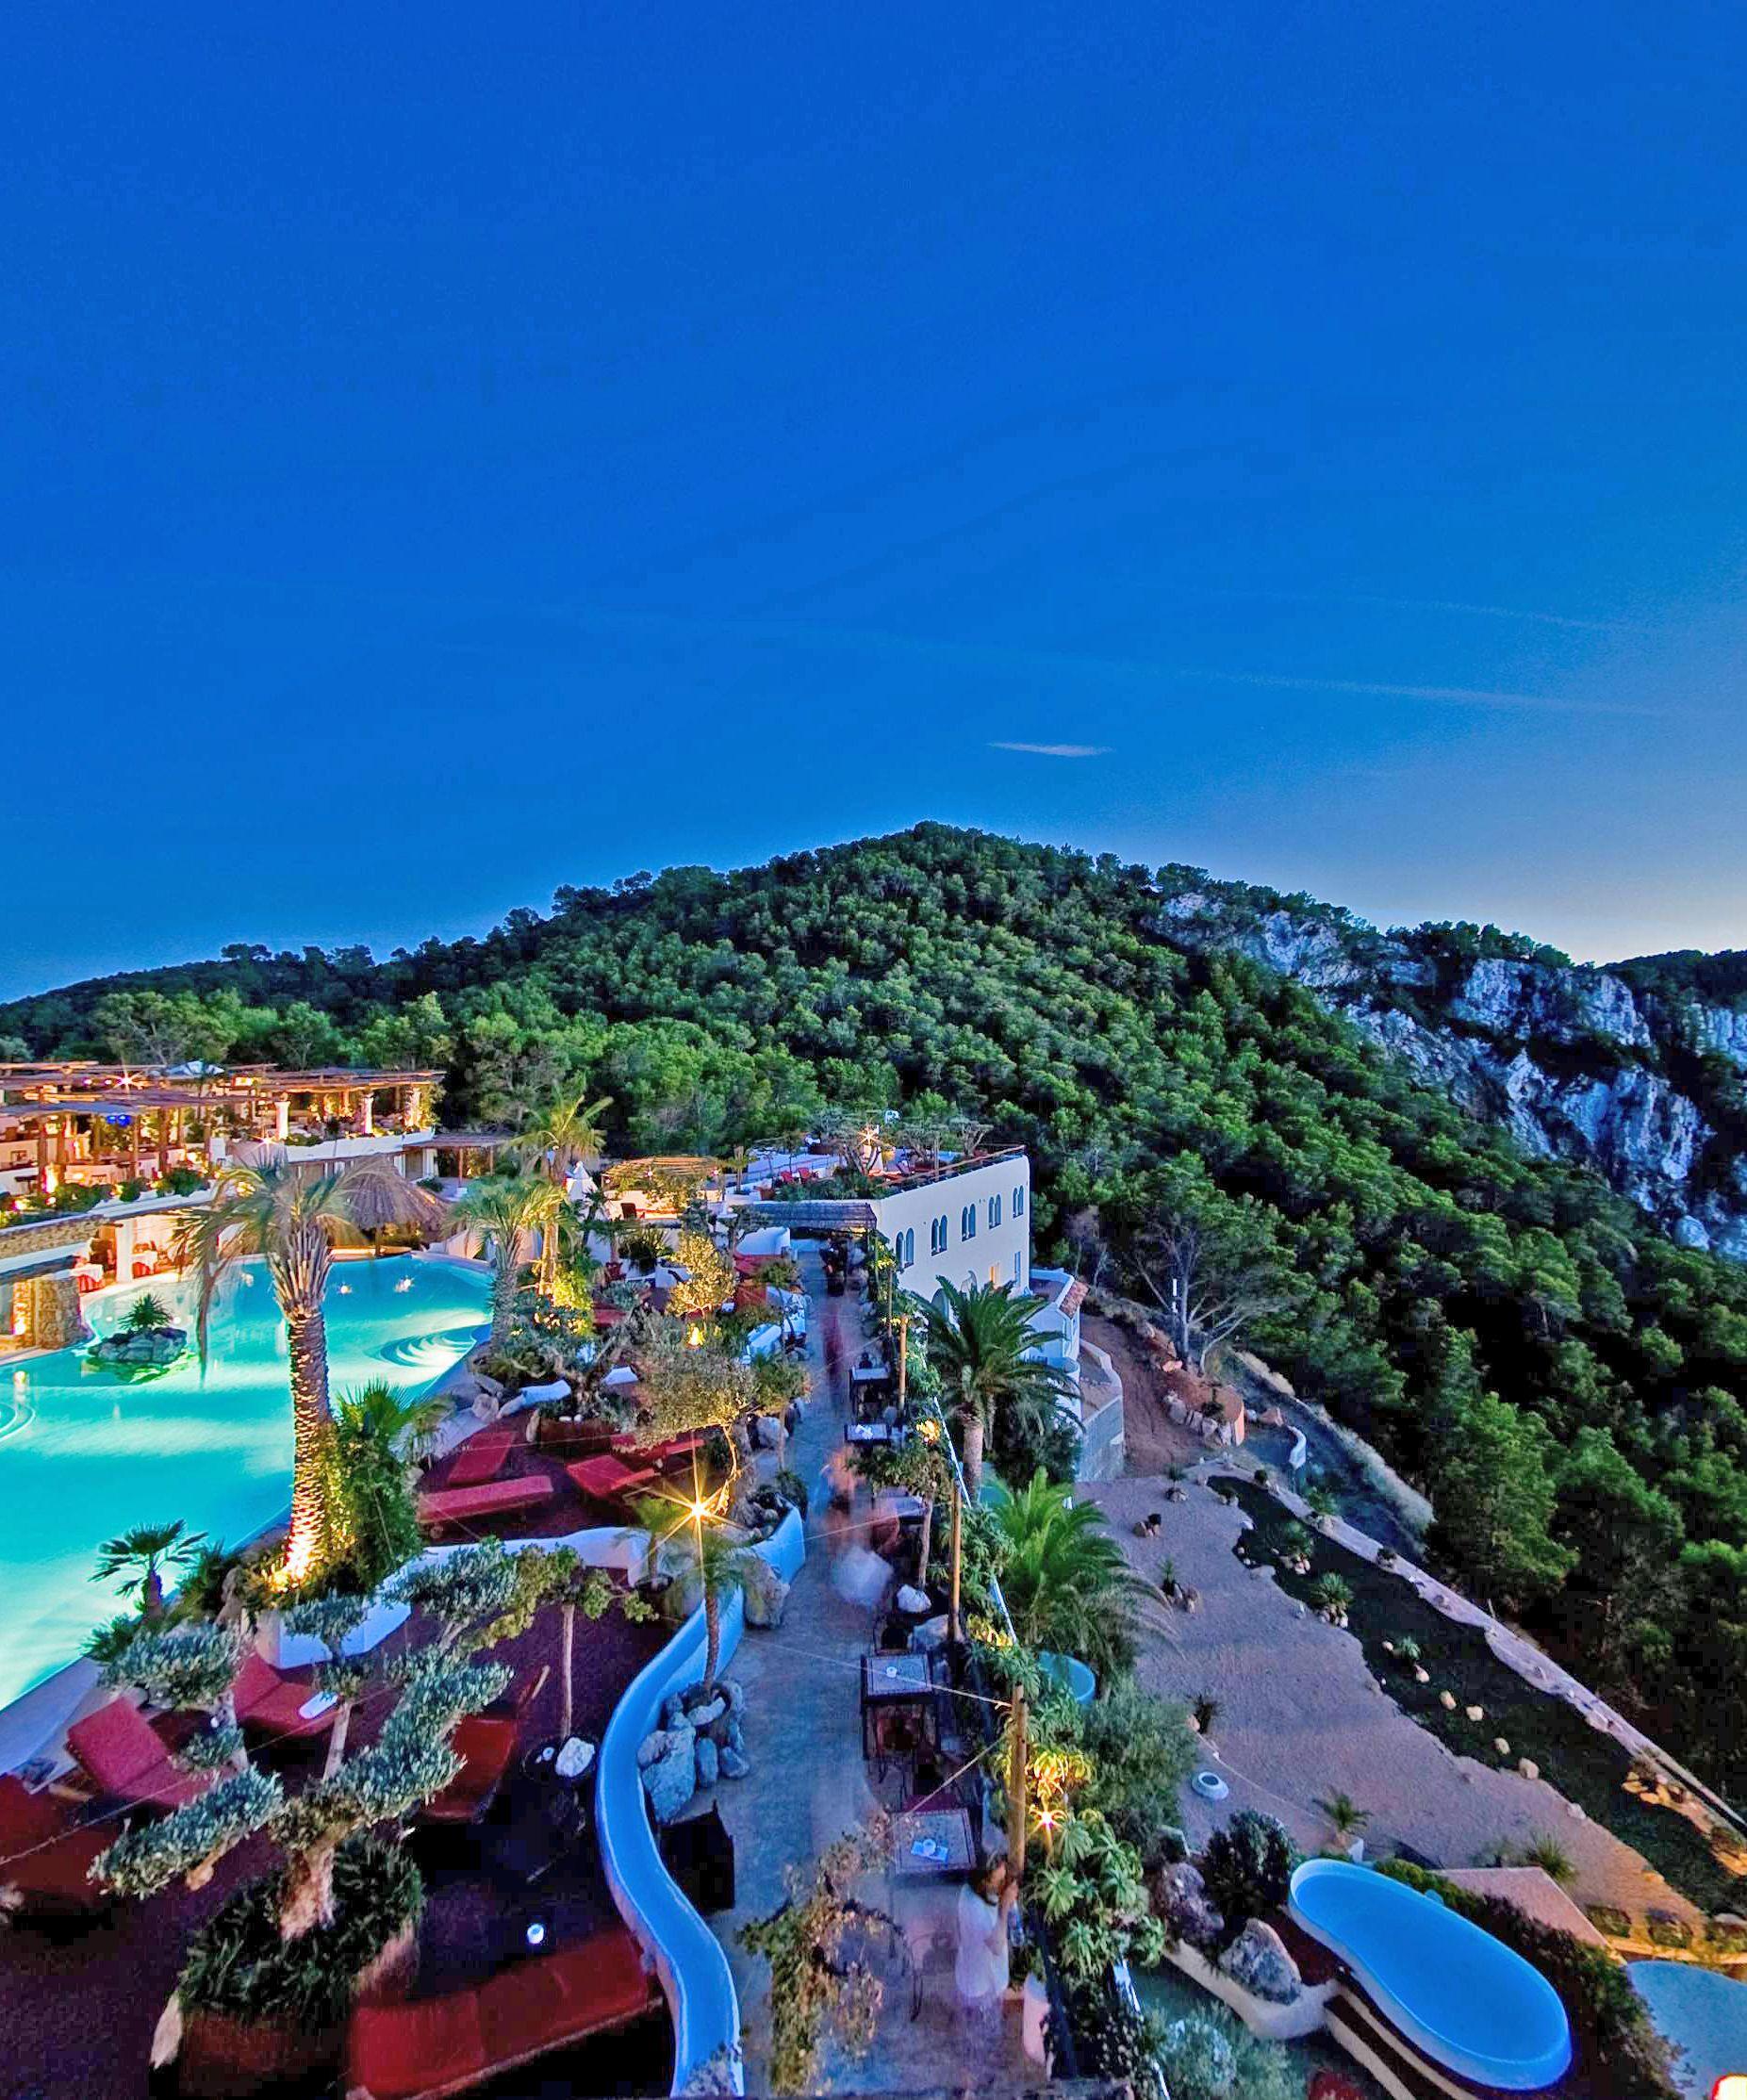 Hacienda Na Xamena, #Ibiza #Spain - Hacienda Na Xamena Luxury Boutique Hotel, Ibiza, Spain :) @Hacienda Furniture Na Xamena